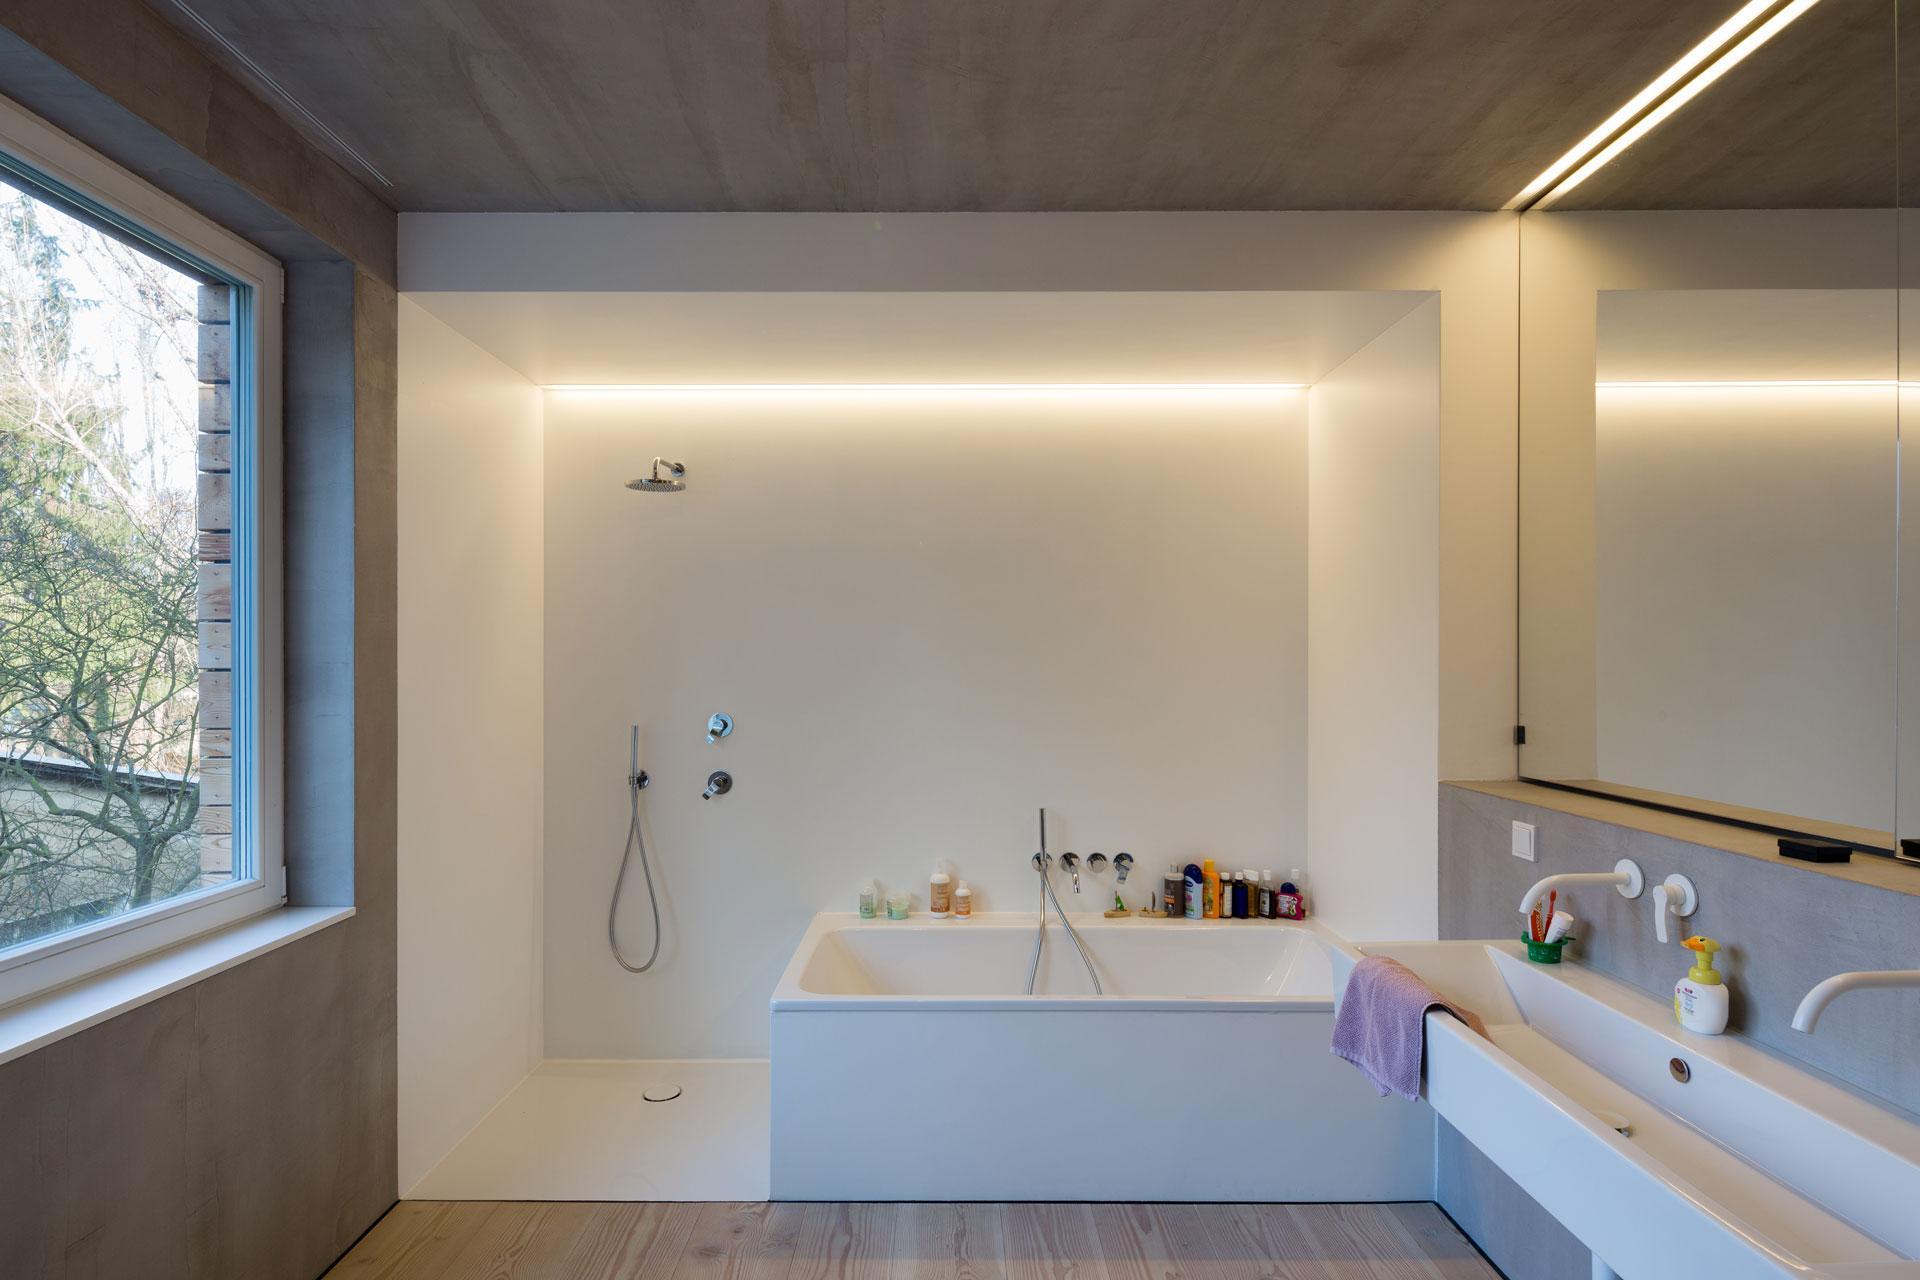 Badezimmer Berlin | Haus Schontal Berlin Bodenbelag Bad Badezimmer S